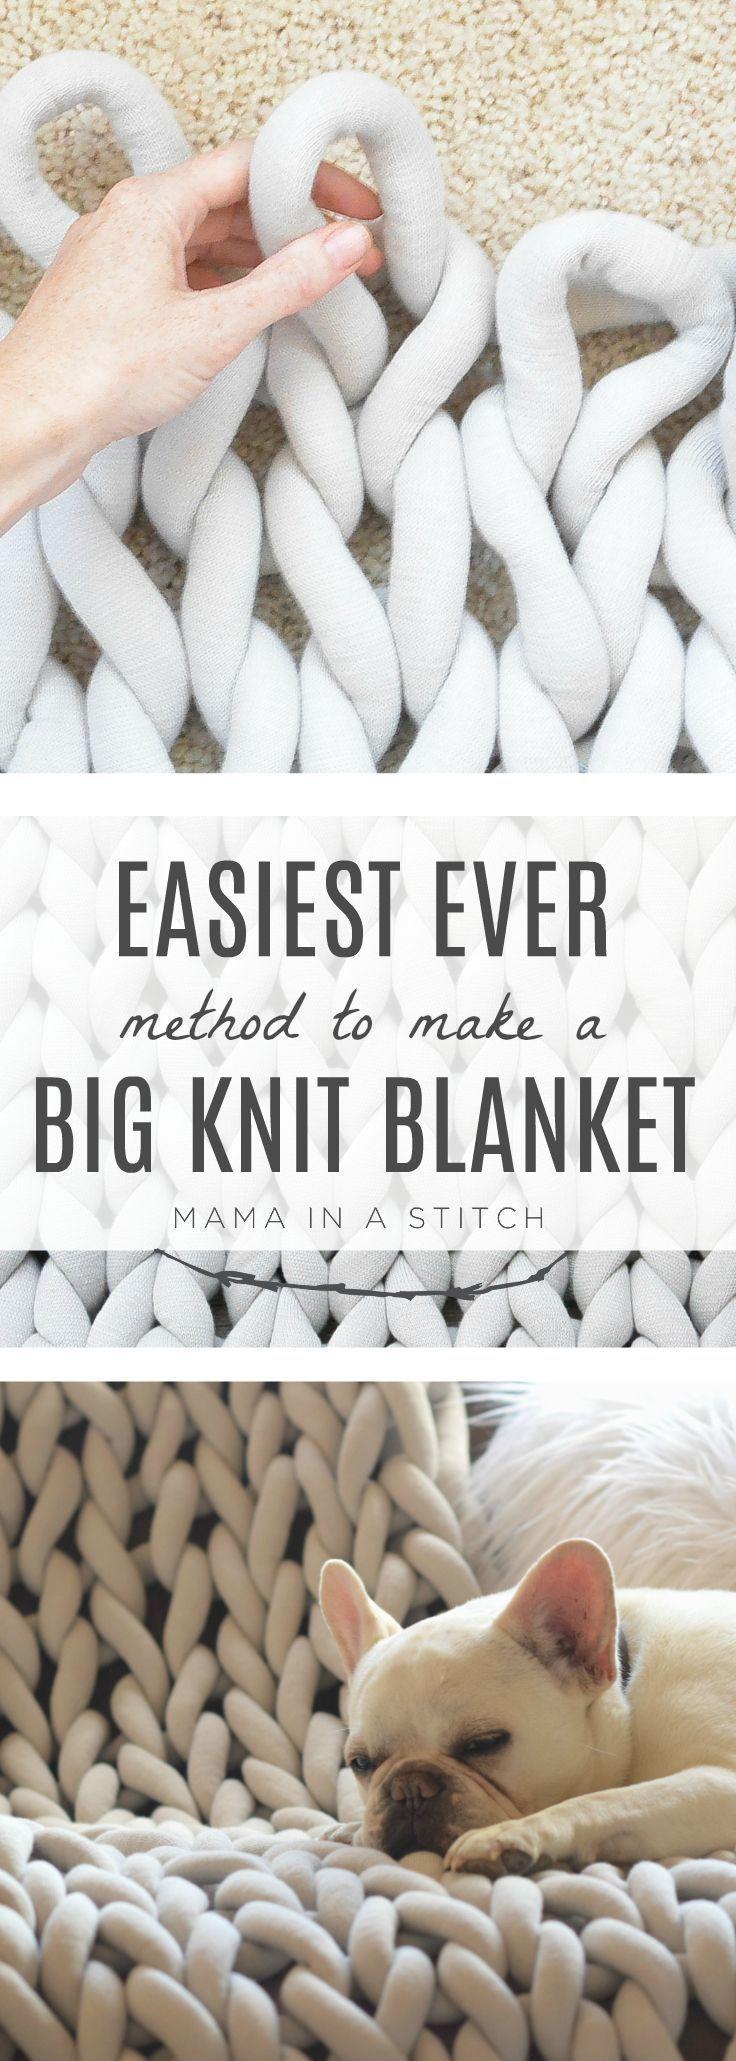 So einfach lässt sich eine große Strickdecke herstellen, ohne den Arm oder die Nadel stricken zu müssen